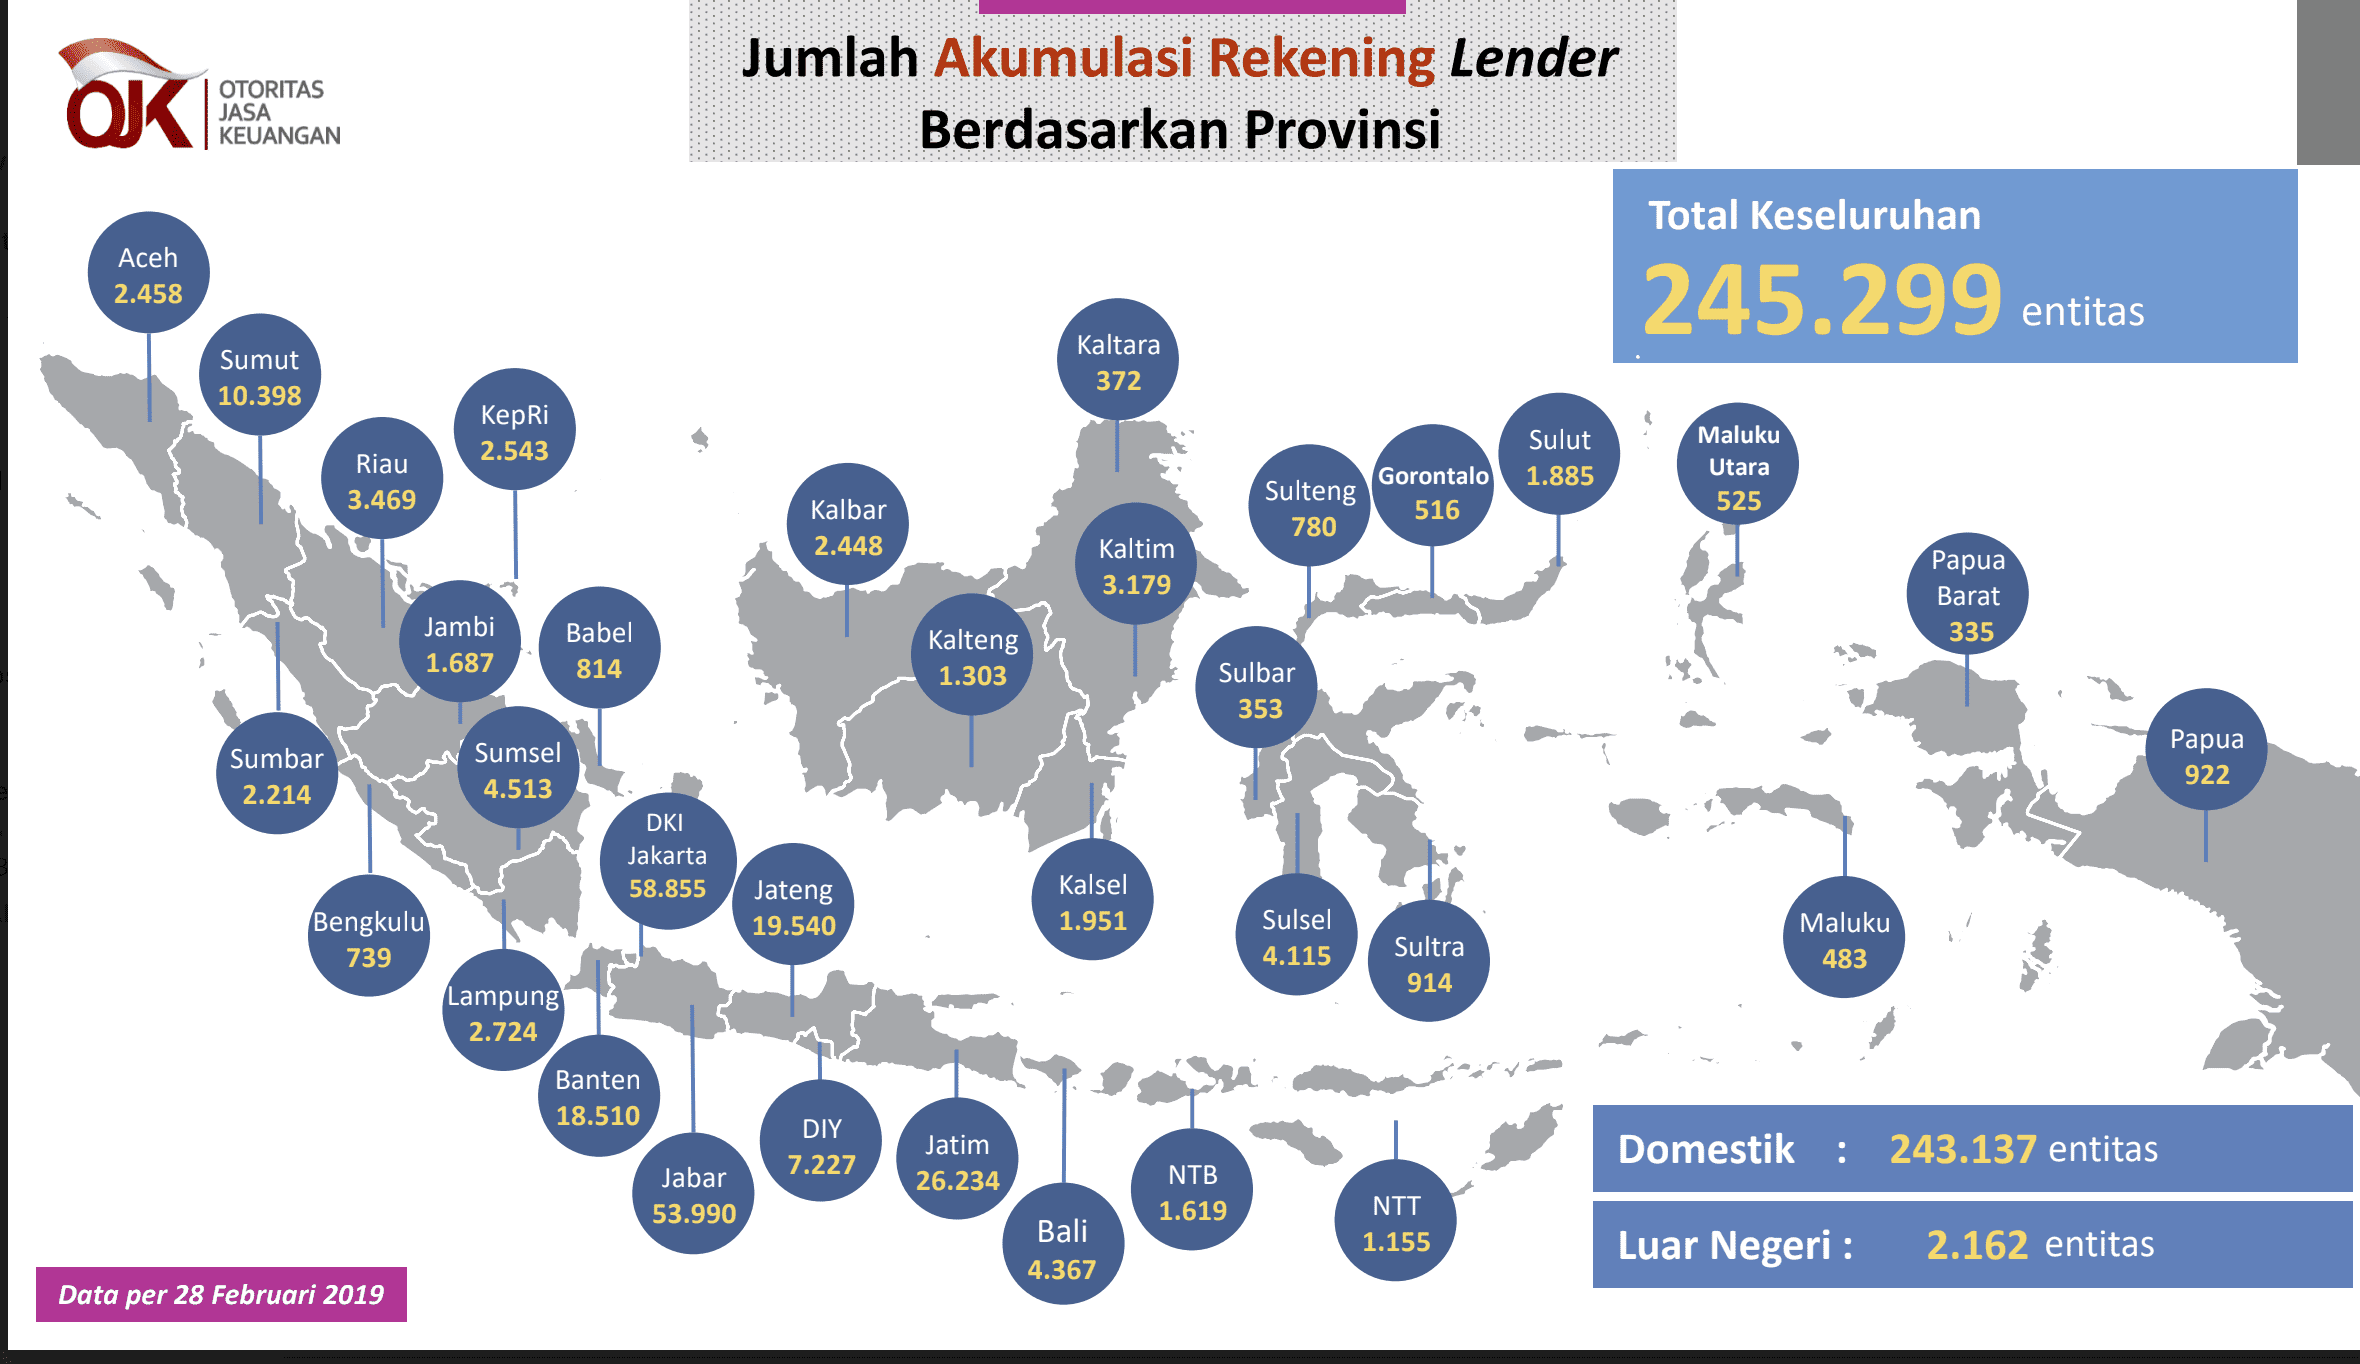 Jumlah Borrower P2P Lending OJK 2019